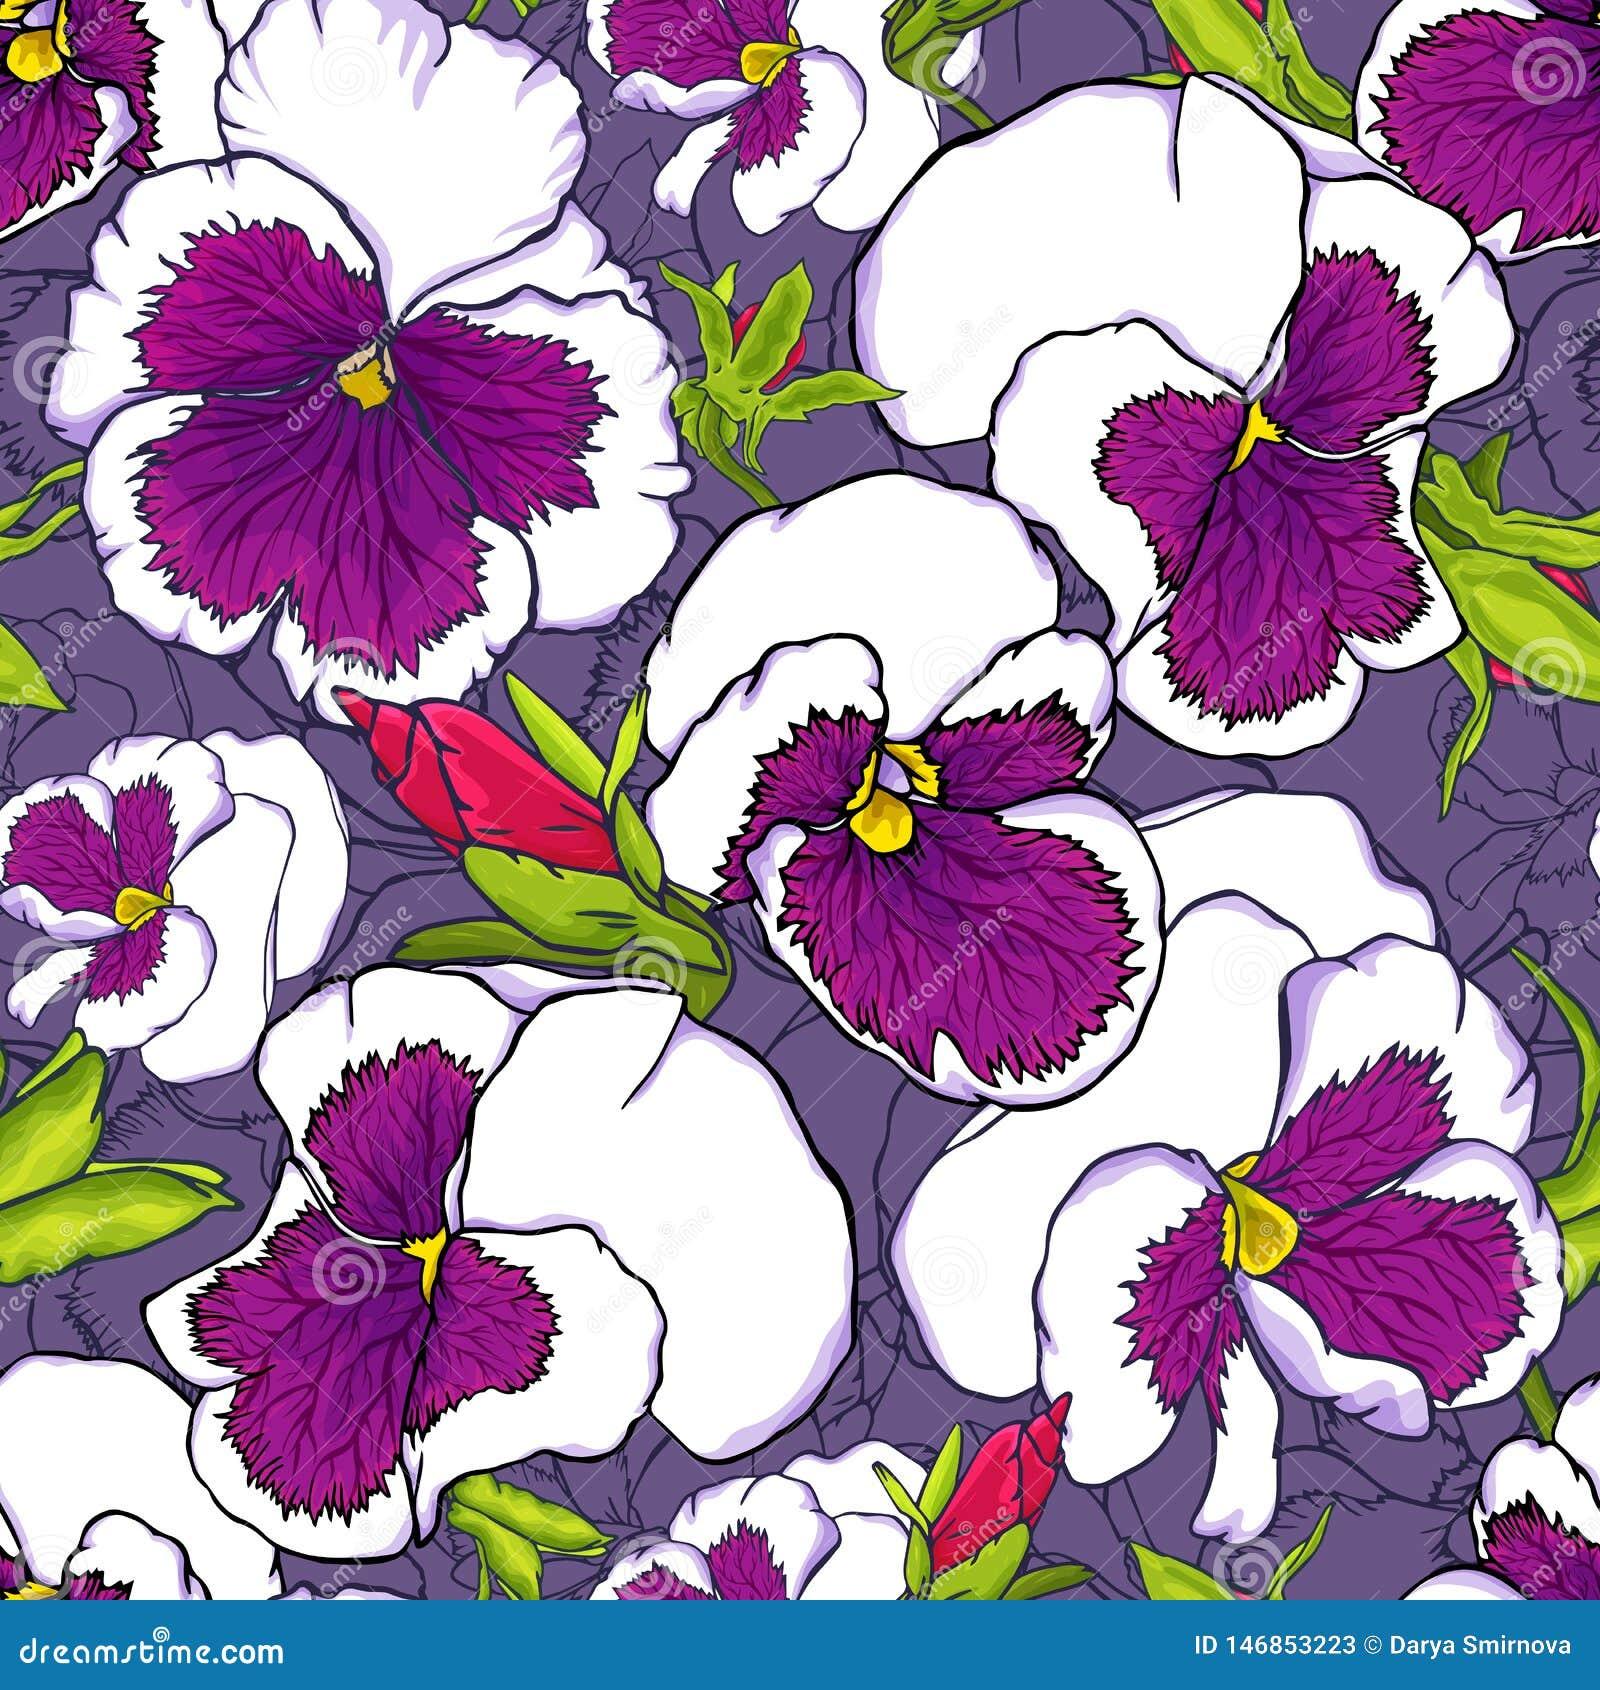 För utdragna nya purpurfärgade sömlös modell altfiolblommor för hand för tyg-, tapet- och textildesign